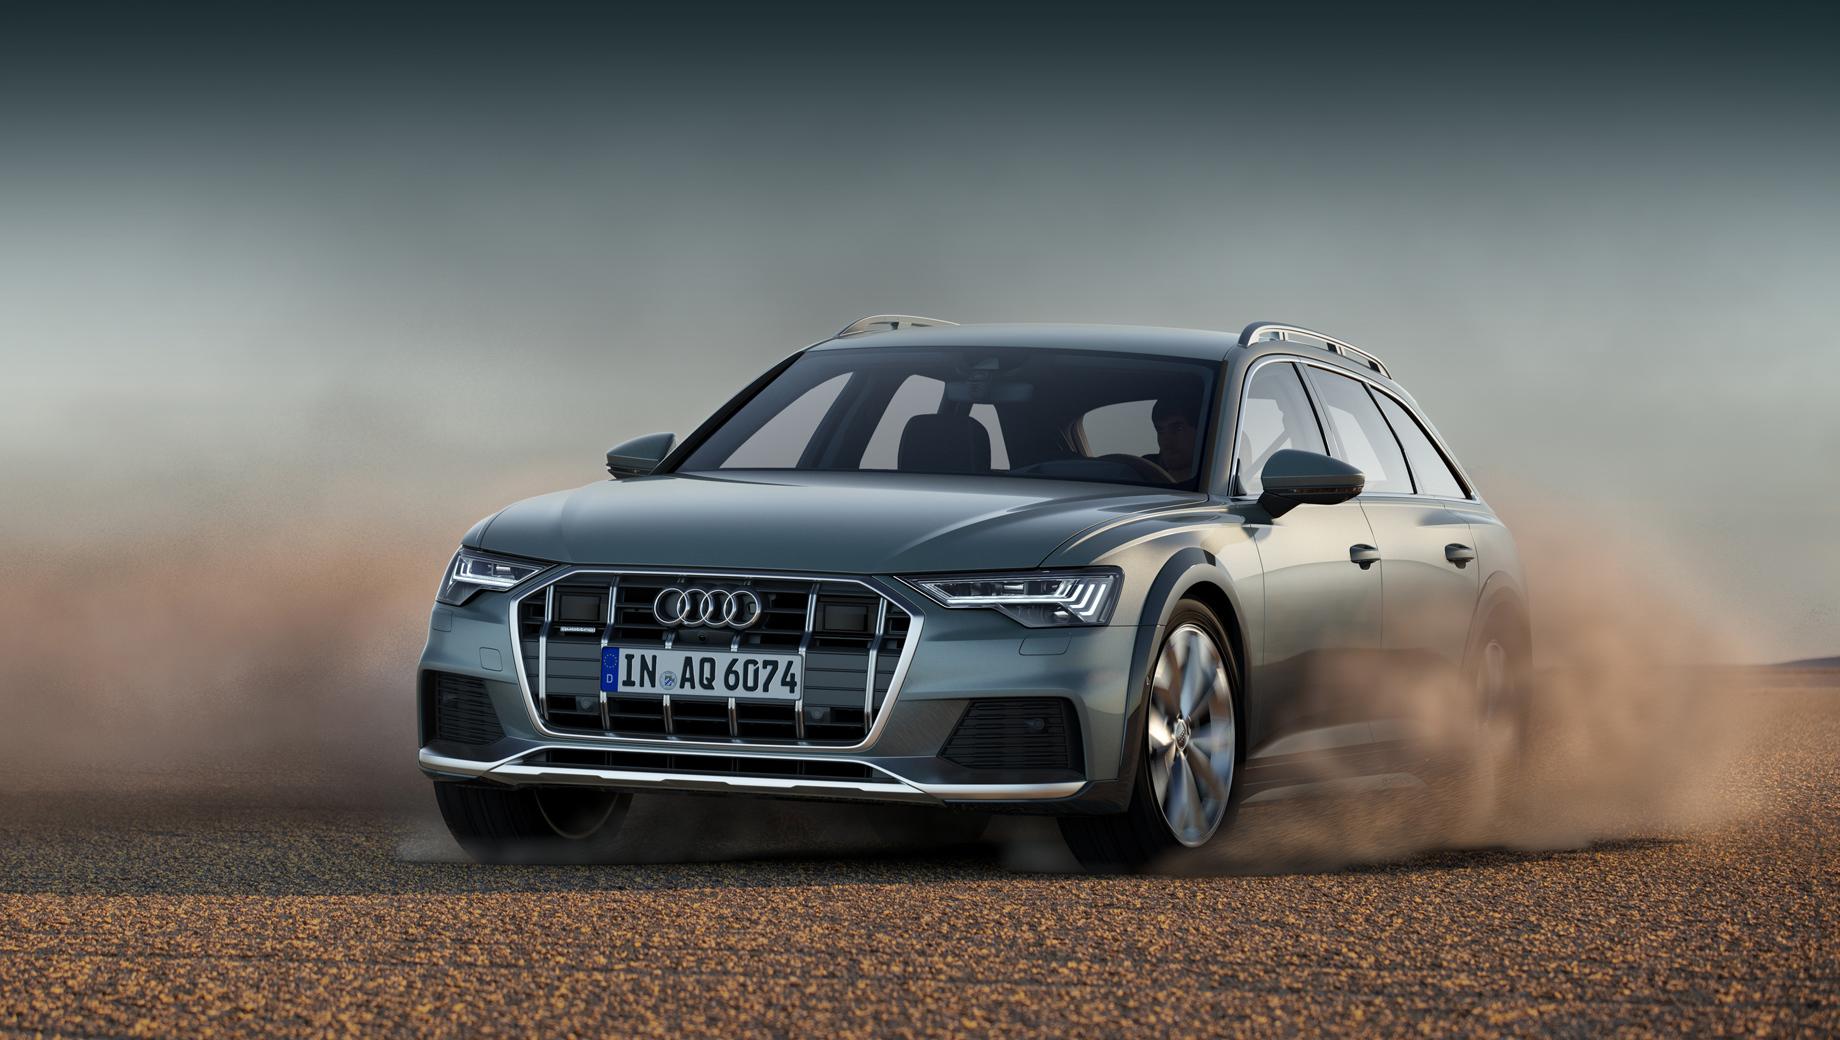 Audi a6 allroad. Дизельному Олроуду полагаются «автомат» и постоянный полный привод quattro, а бензиновому — «робот» и привод quattro с технологией ultra. Бензиновый мотор снабжён умеренной гибридной системой MHEV с 48-вольтовыми стартером-генератором и тяговой батареей.